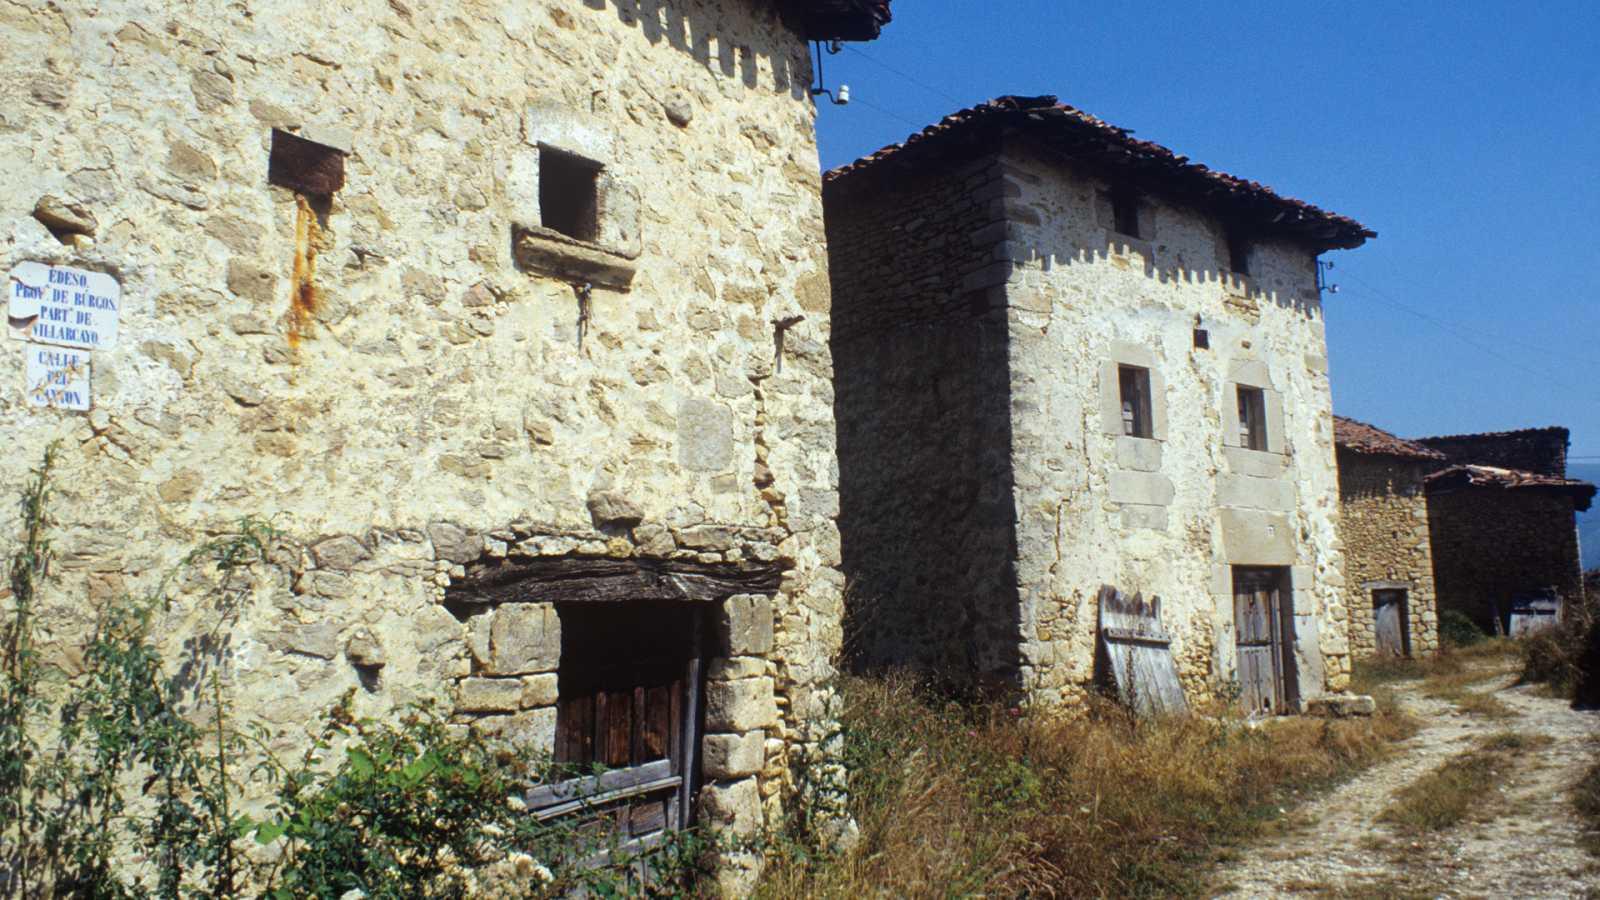 En clave Turismo - El futuro de la España despoblada - 23/04/21 - escuchar ahora